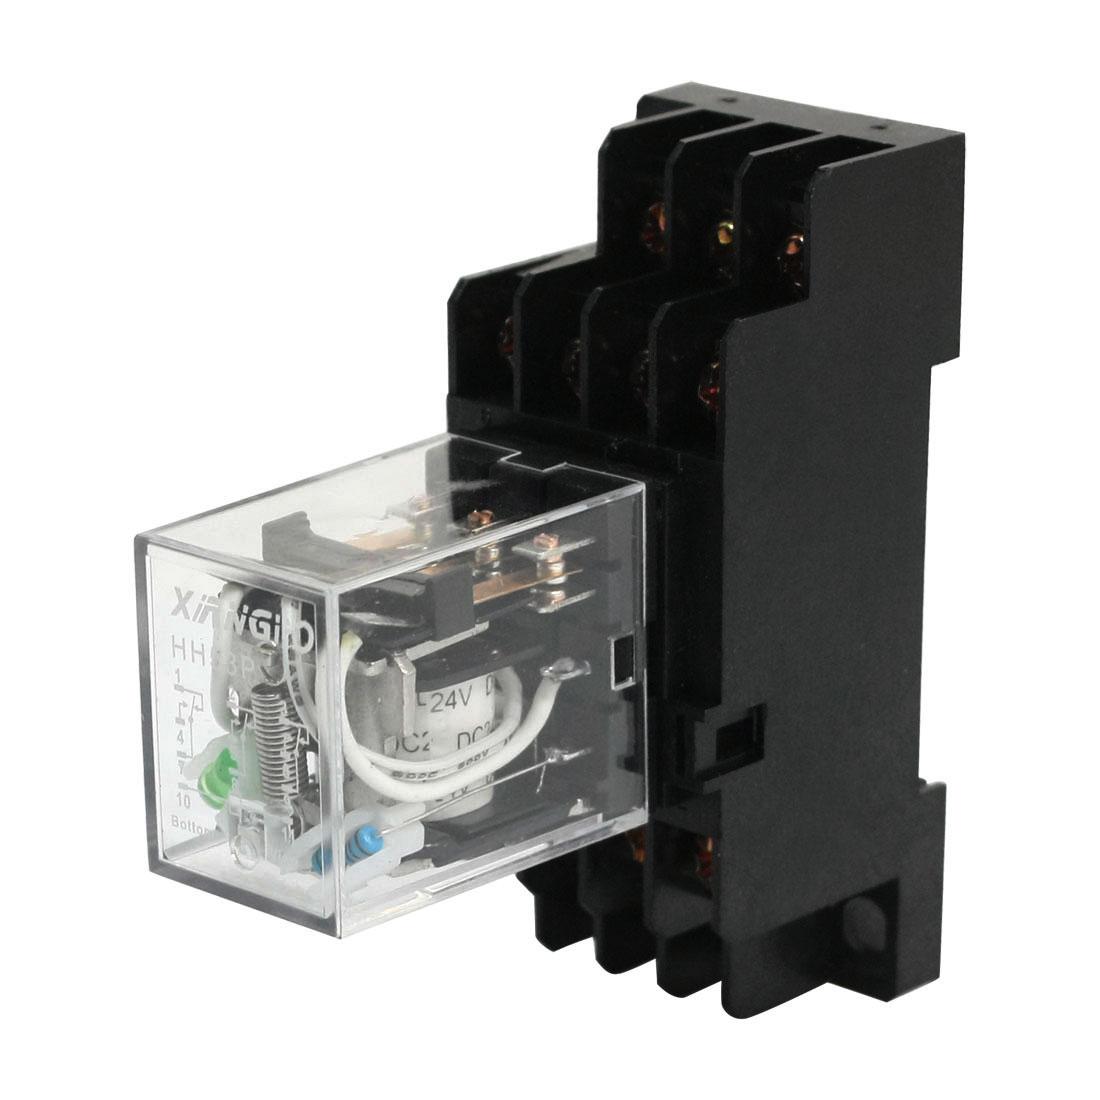 HH54P DC 24V Coil Volt Motor Control 4NO 4NC Power Relay w Base Socket